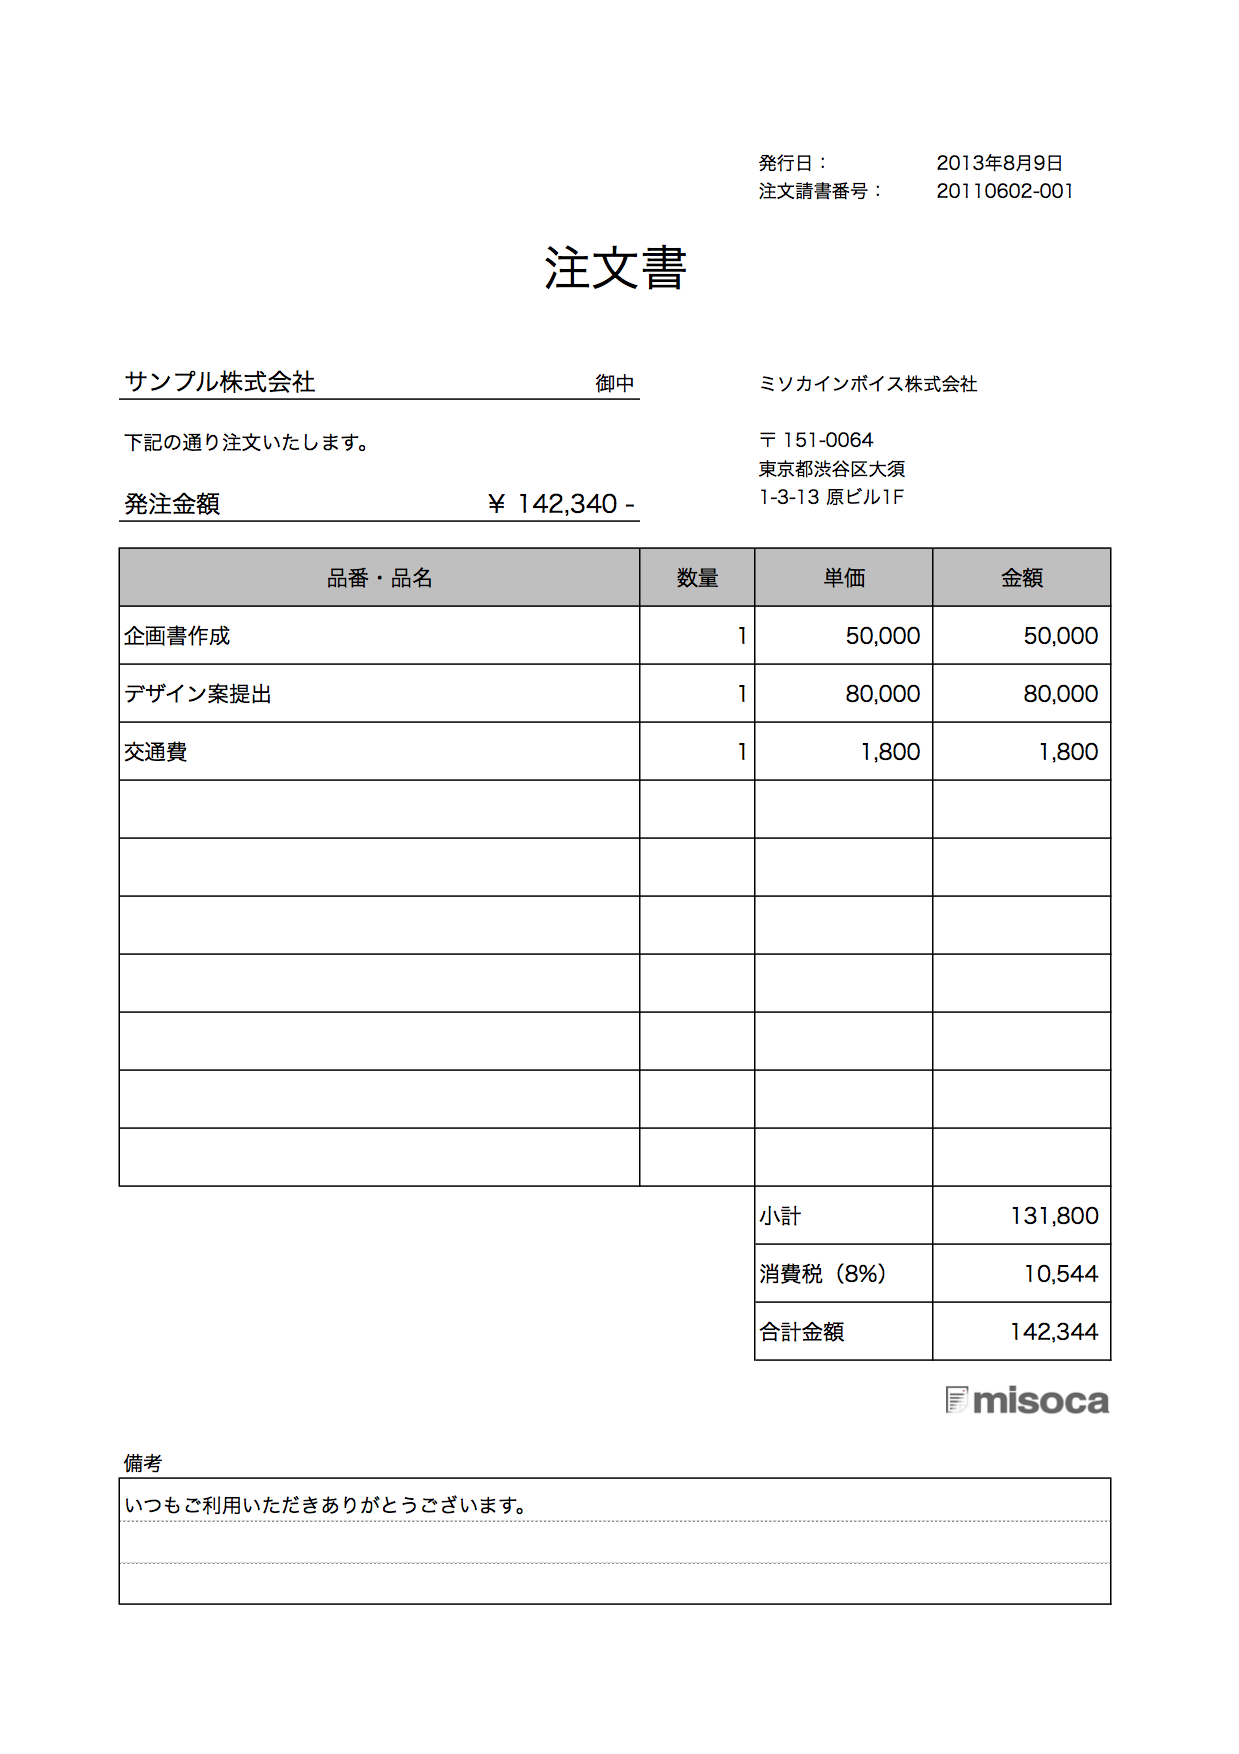 民間建設工事標準請負契約約款(甲) - mlit.go.jp